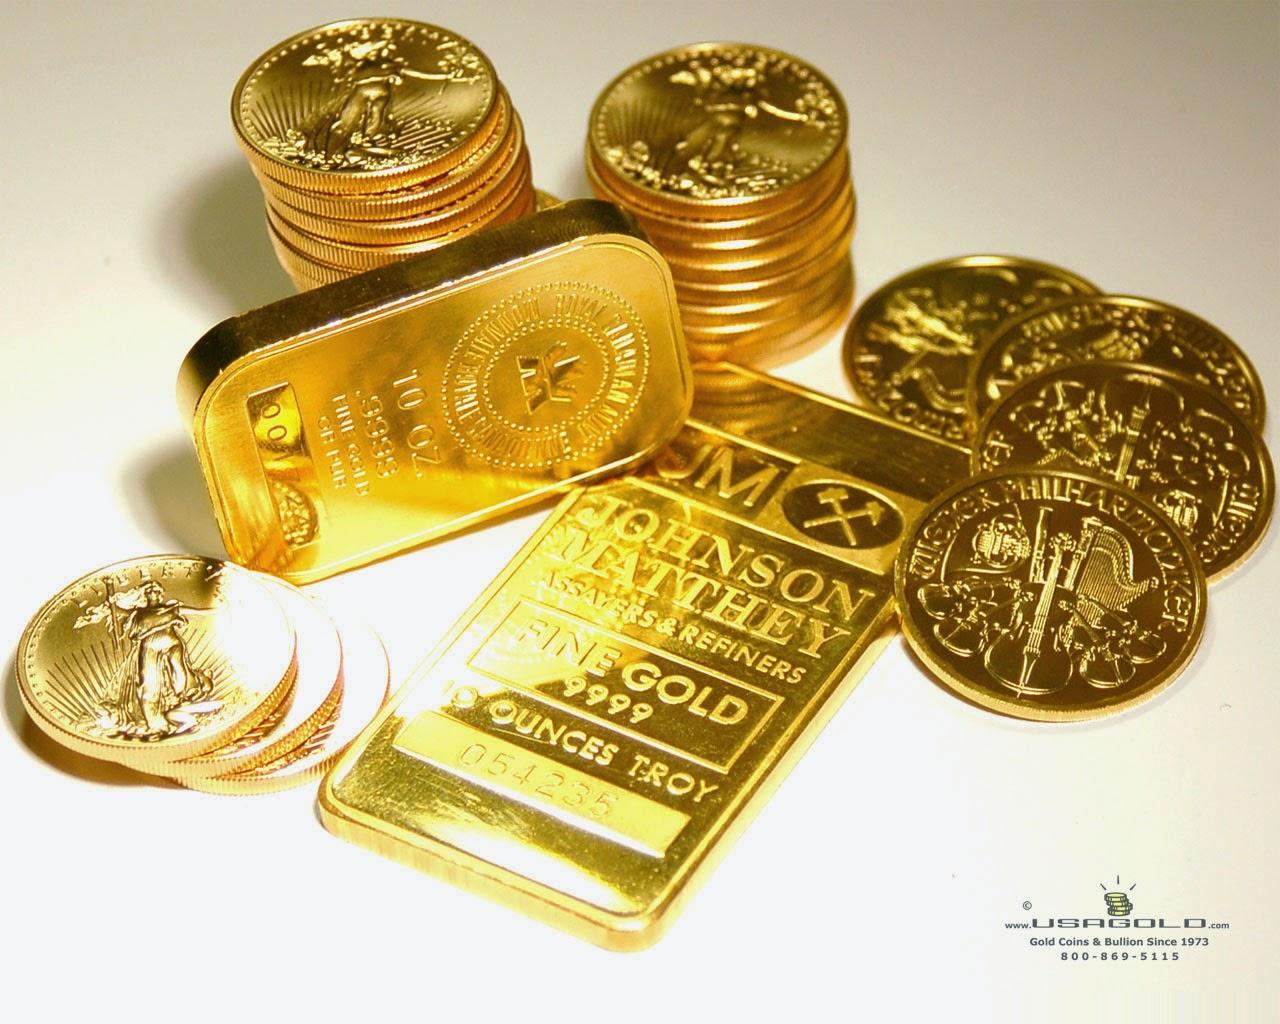 اسعار الذهب في السعودية اليوم الخميس 27 3 2014 الذهب 25 5 1435